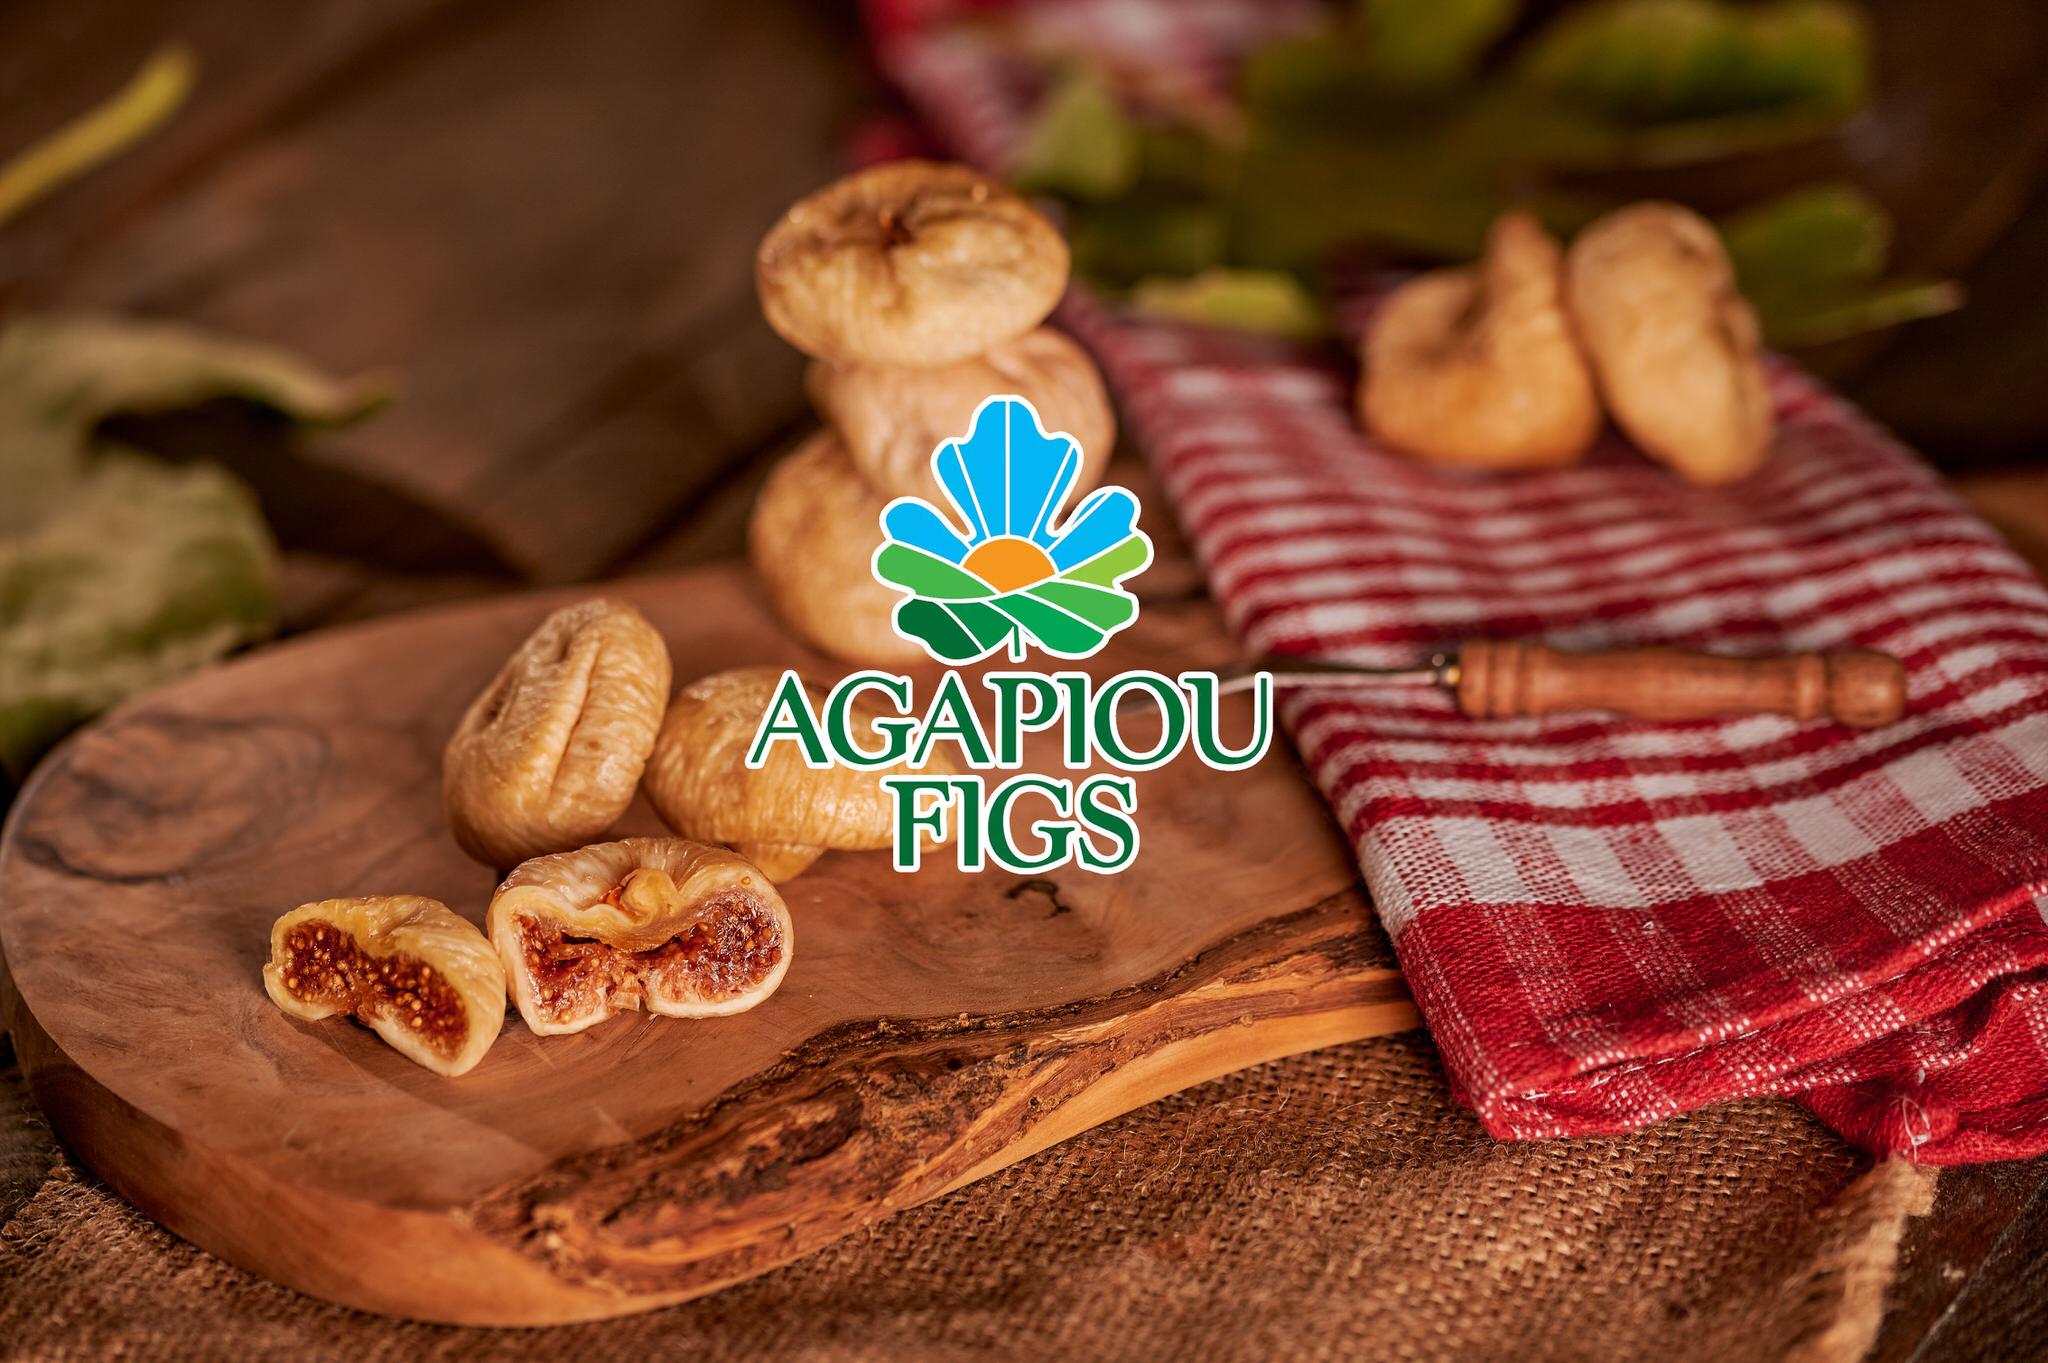 Agapiou Figs // Alexoudis Photography